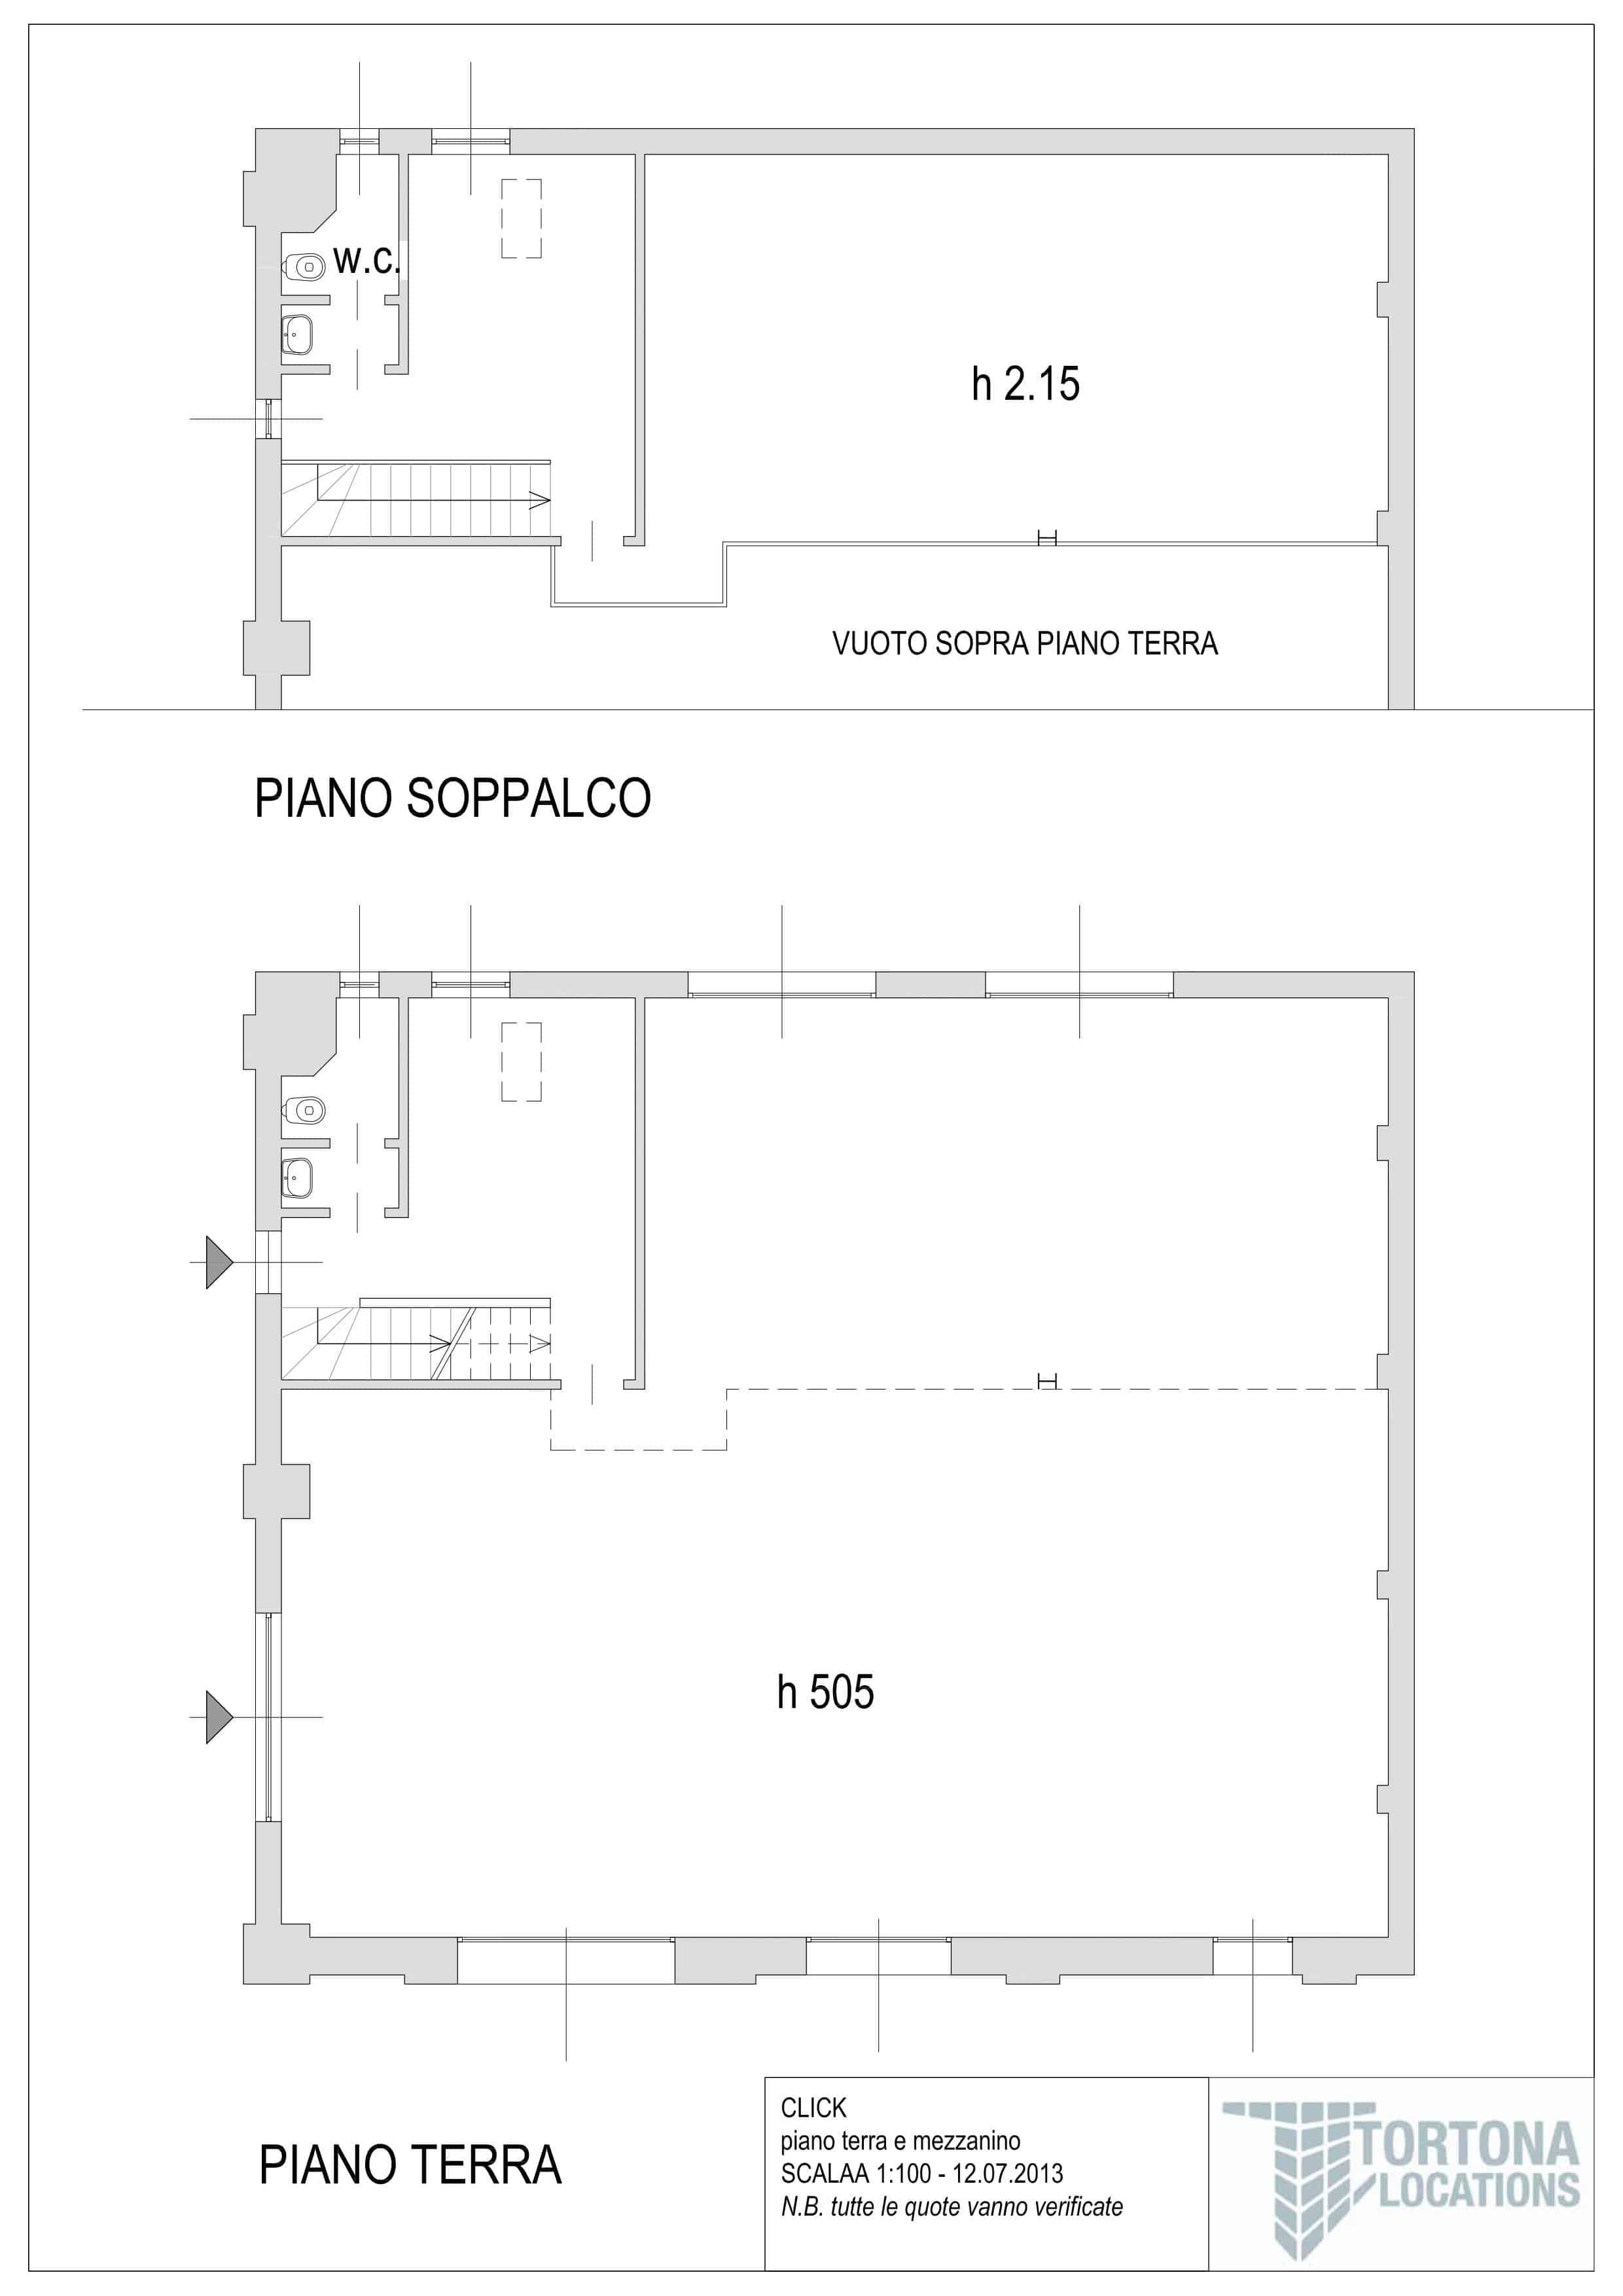 Planimetria Studio Selva